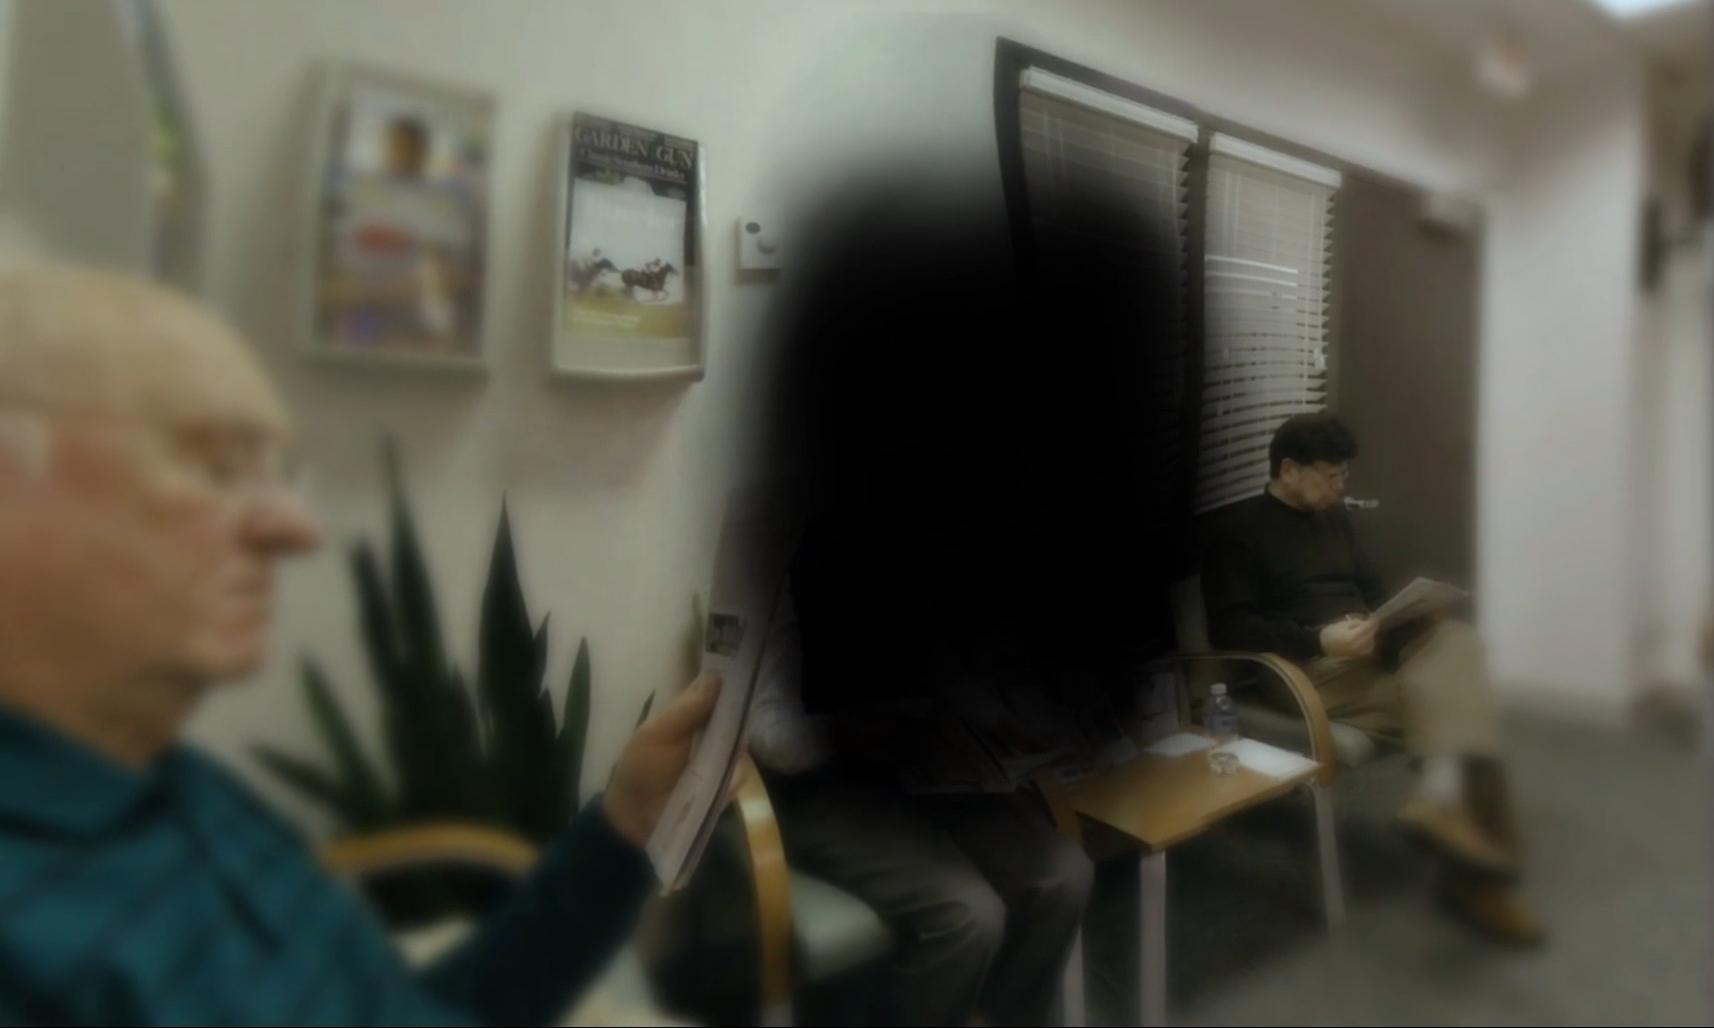 Alfred Screenshot3.jpg